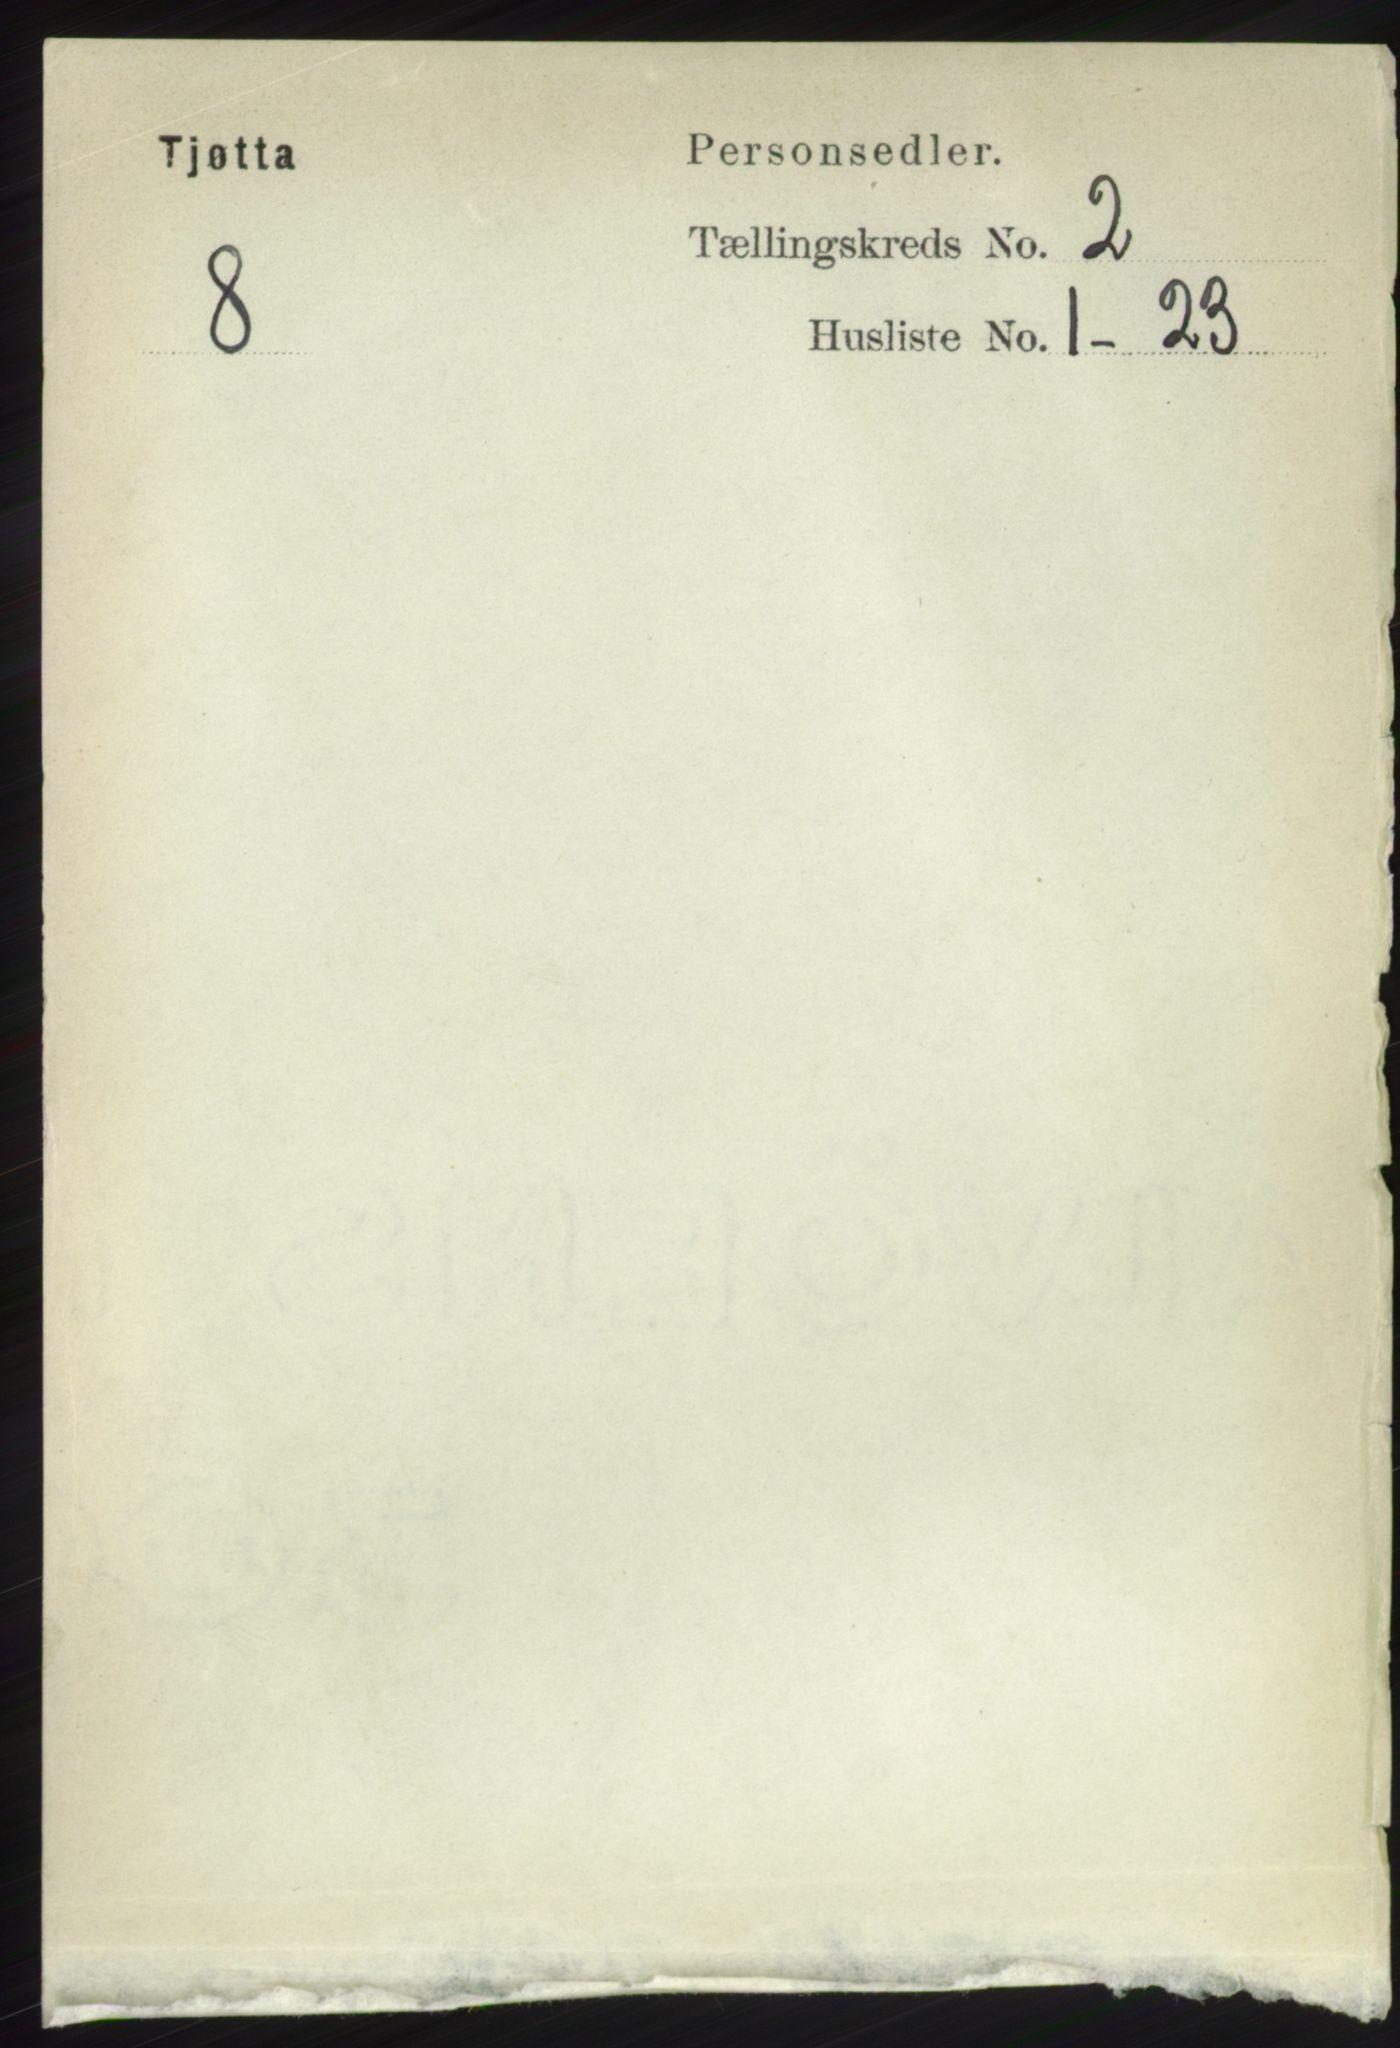 RA, Folketelling 1891 for 1817 Tjøtta herred, 1891, s. 893